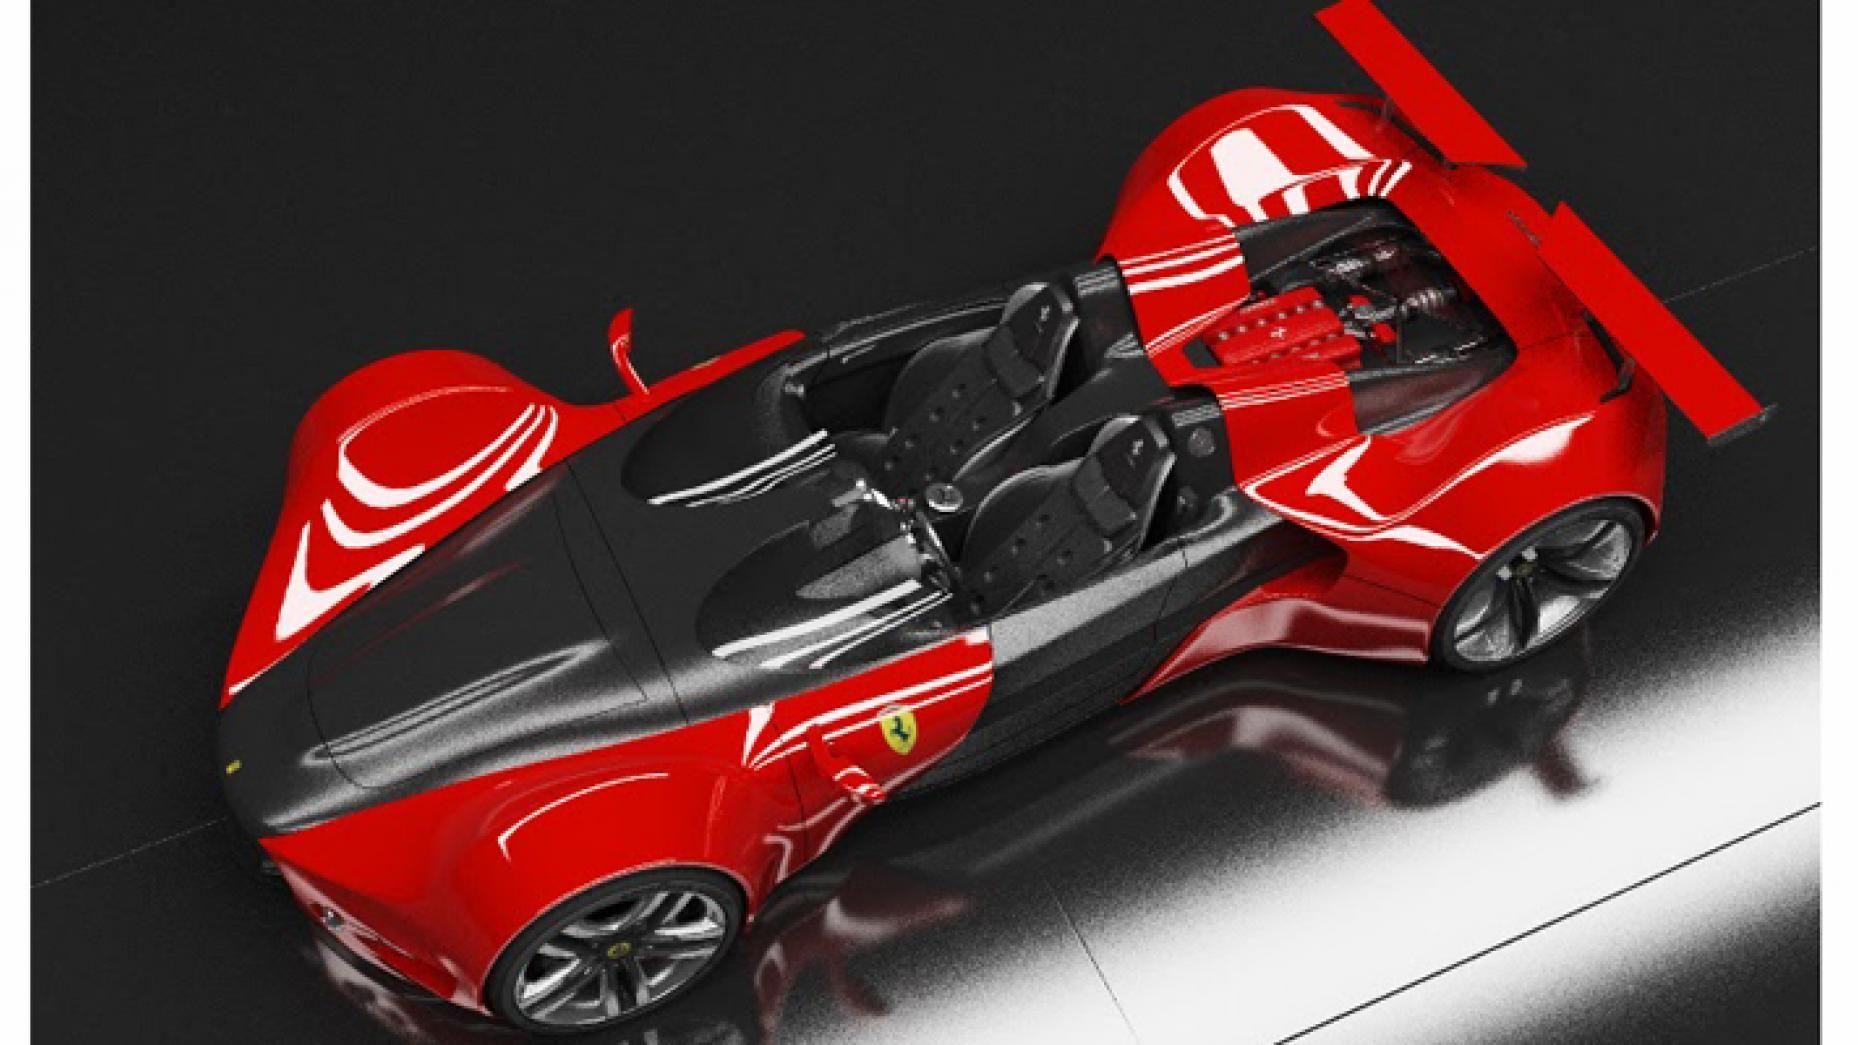 This is the Ferrari 'Celeritas' Top Gear in 2020